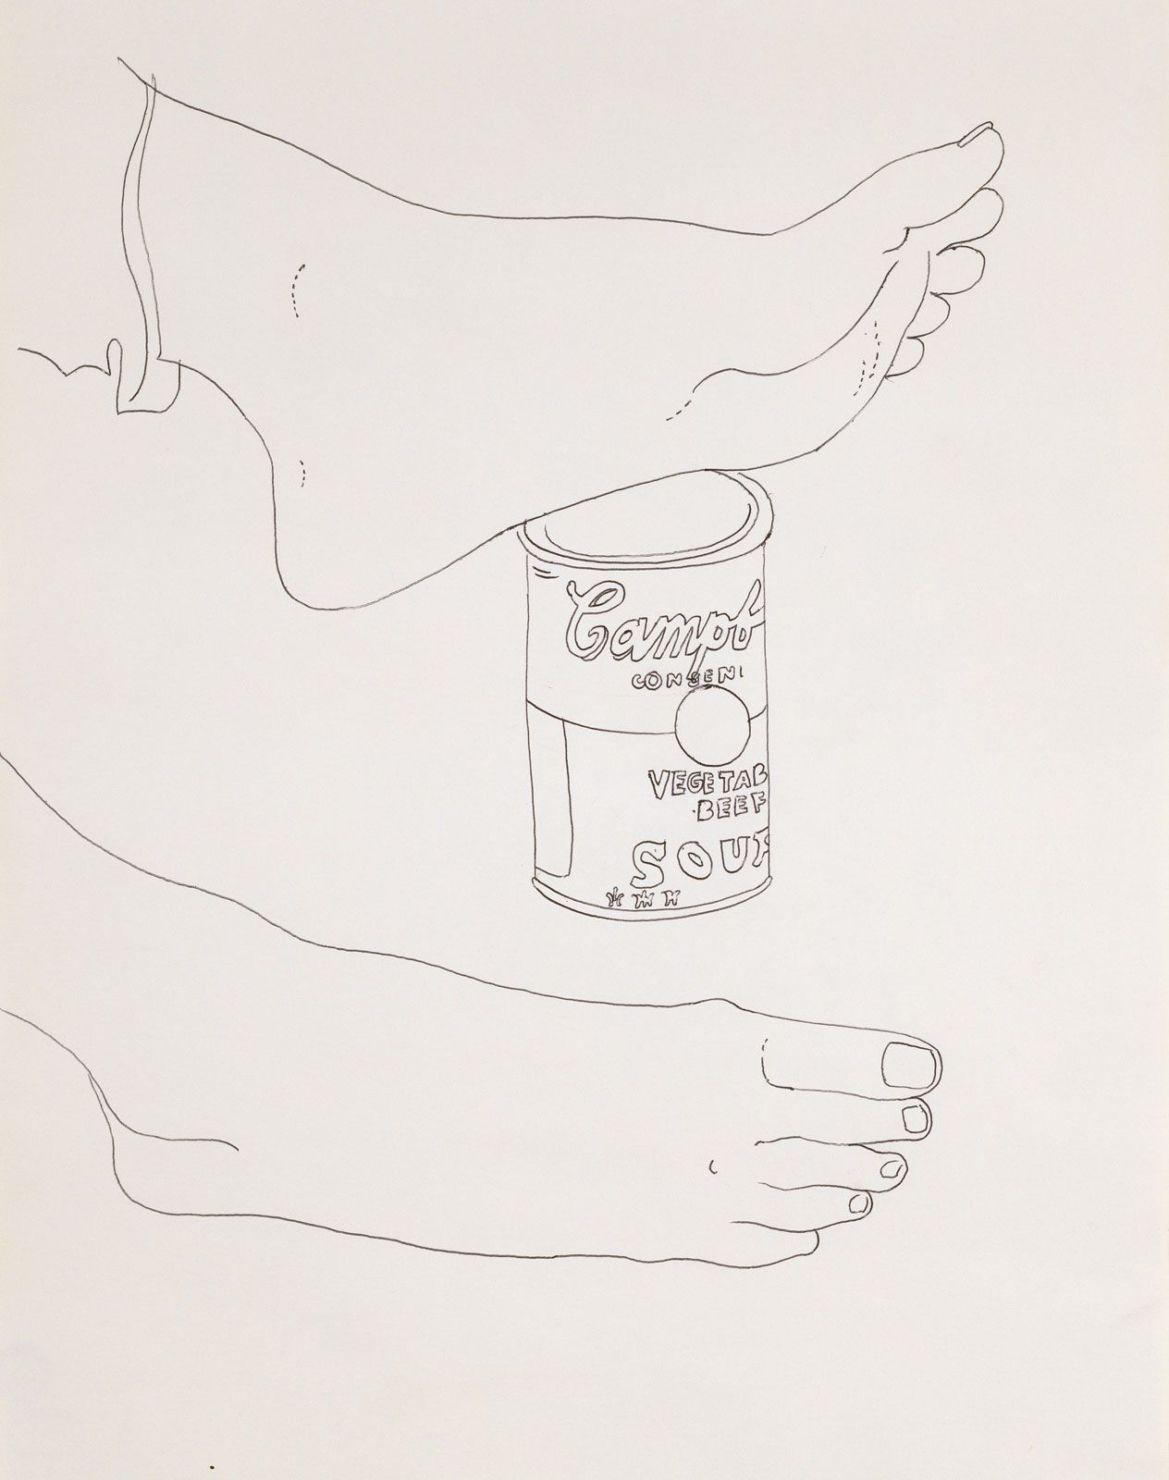 Las obras eróticas de Andy Warhol que tal vez no conocías - andy-warhol-dibujos-lata